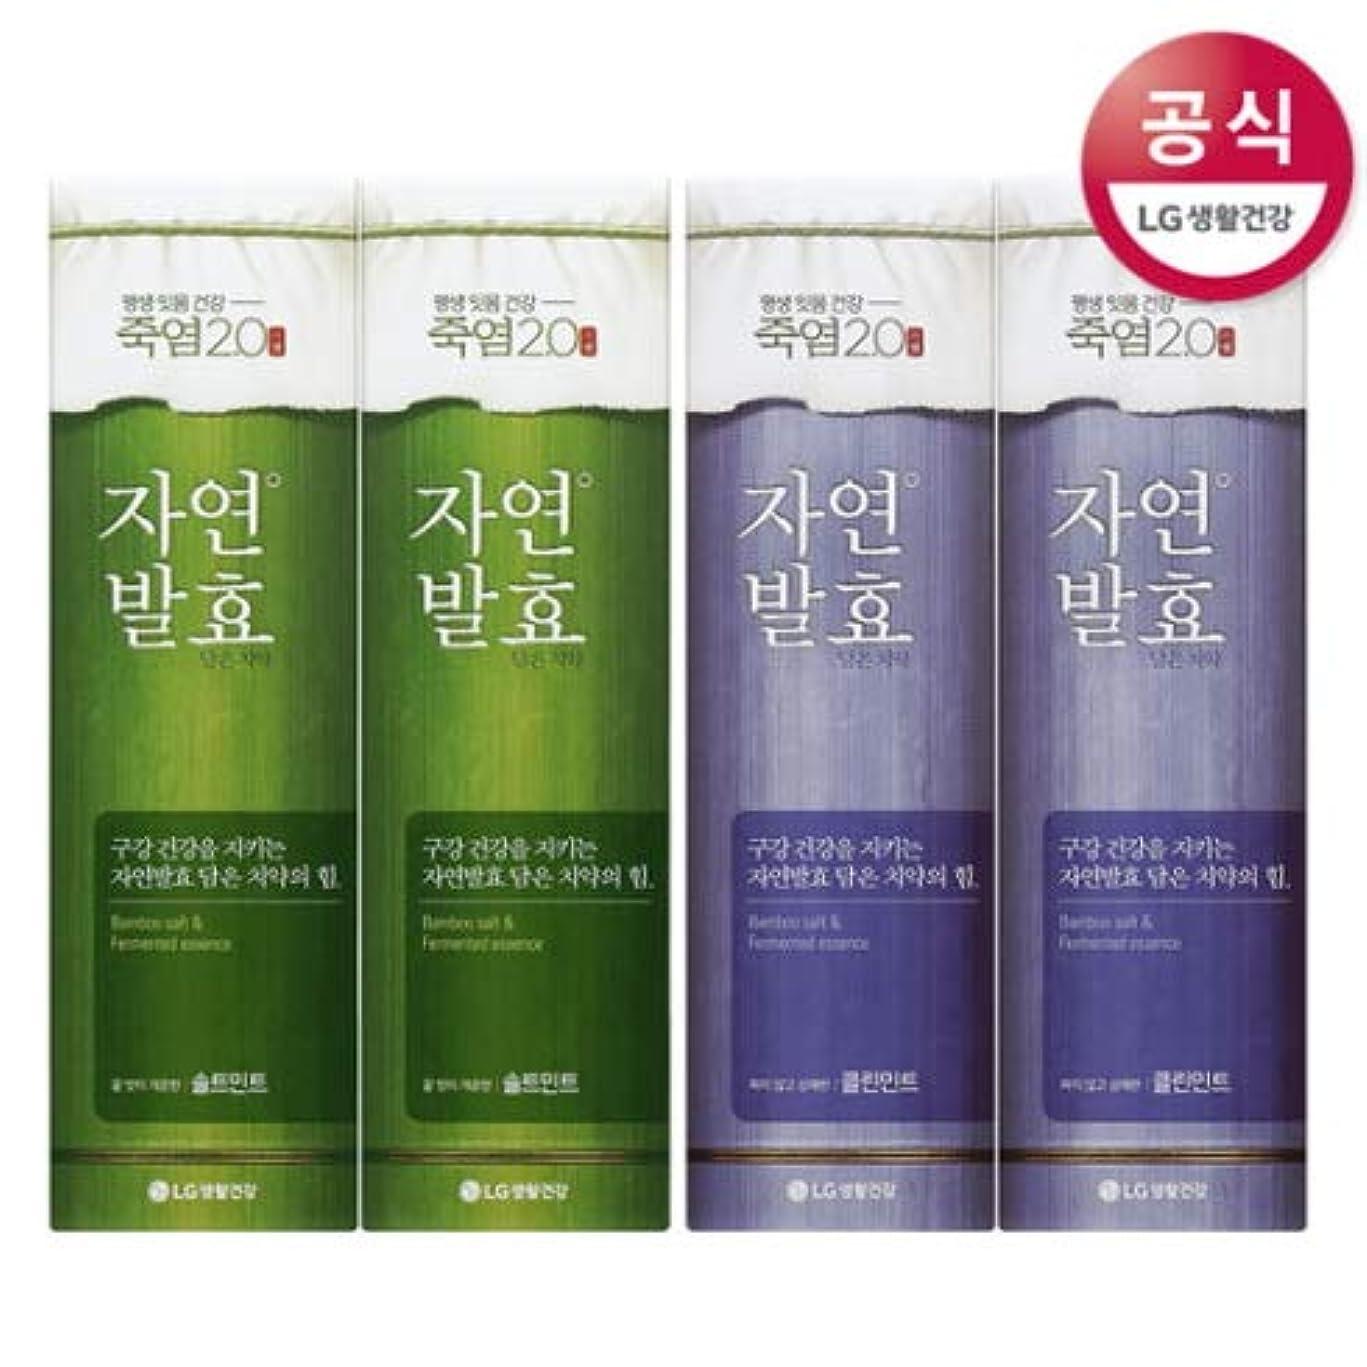 冷蔵する変成器疑問に思う[LG HnB] Bamboo salt natural fermentation toothpaste/竹塩自然発酵入れた歯磨き粉 100gx4個(海外直送品)